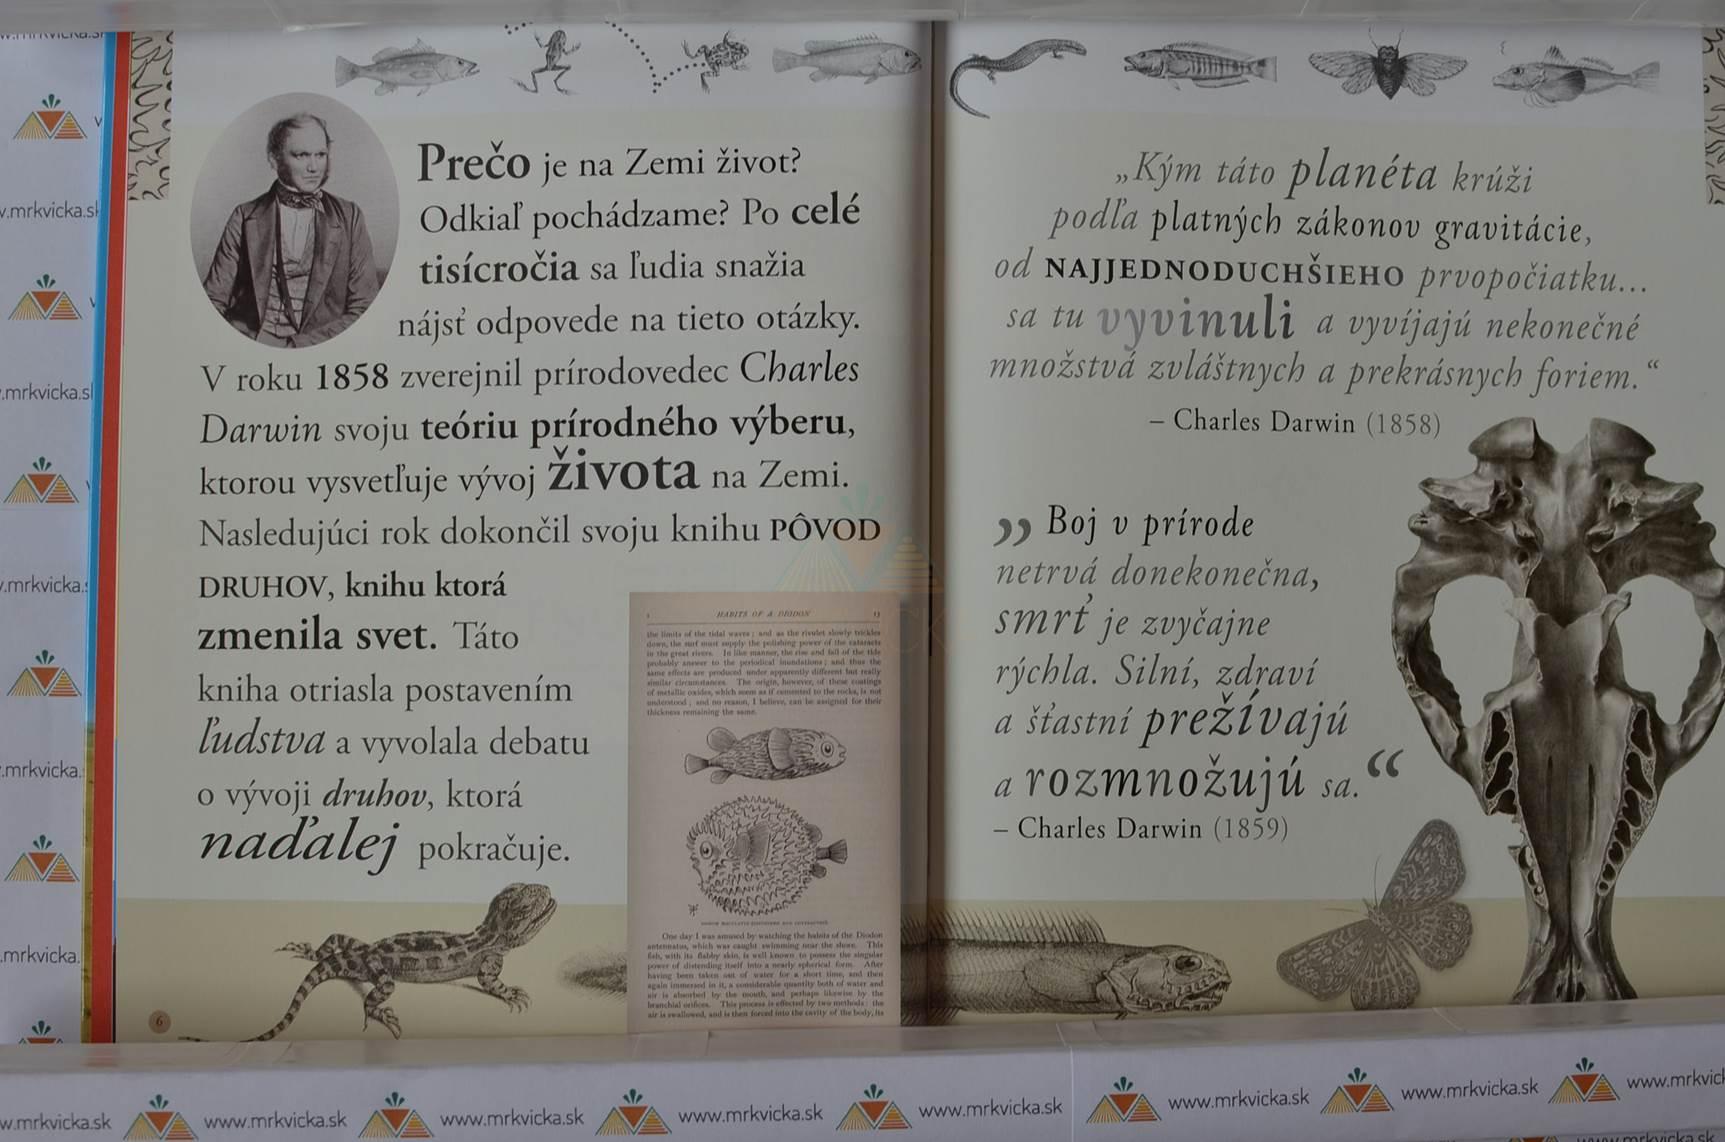 Je evolúcia revolúcia - od Darwina k DNA